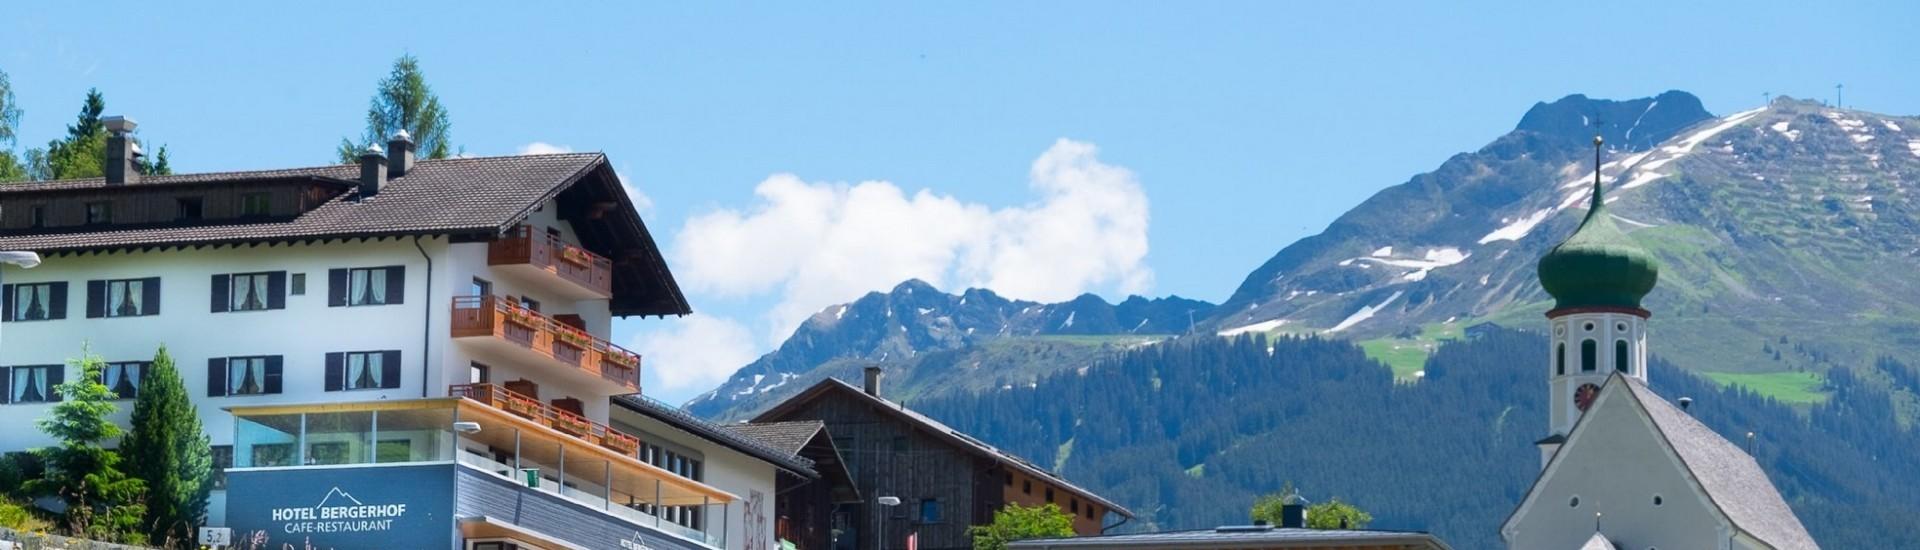 hotel-bergerhof-montafon-sommer-1